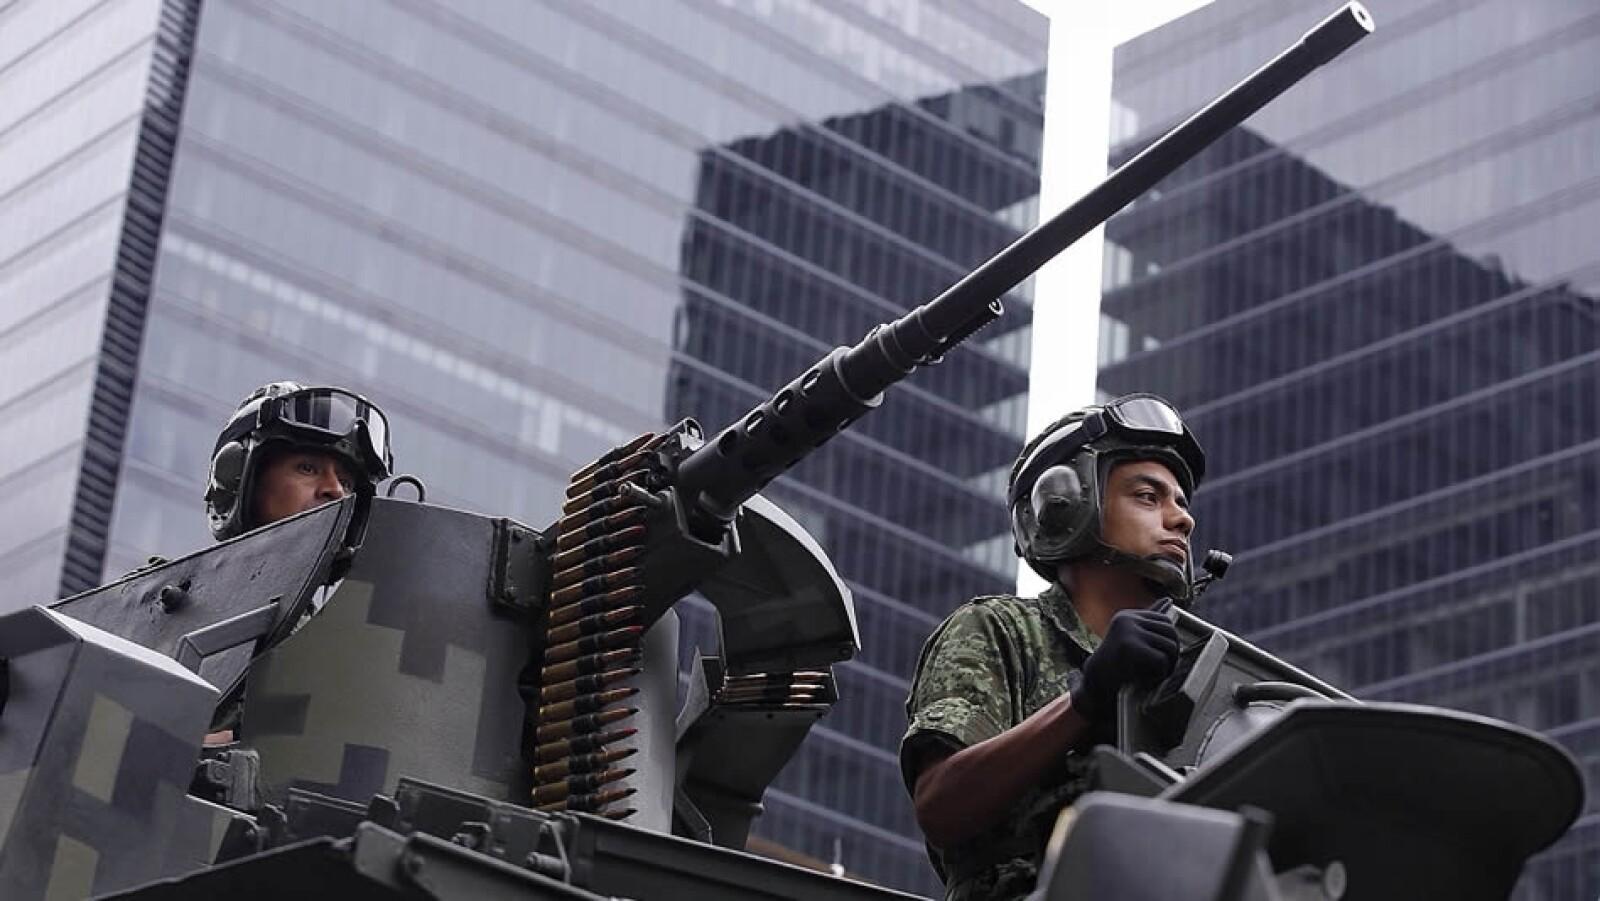 Elementos del ejército mexicano exhibiendo su artillería en la Ciudad de México